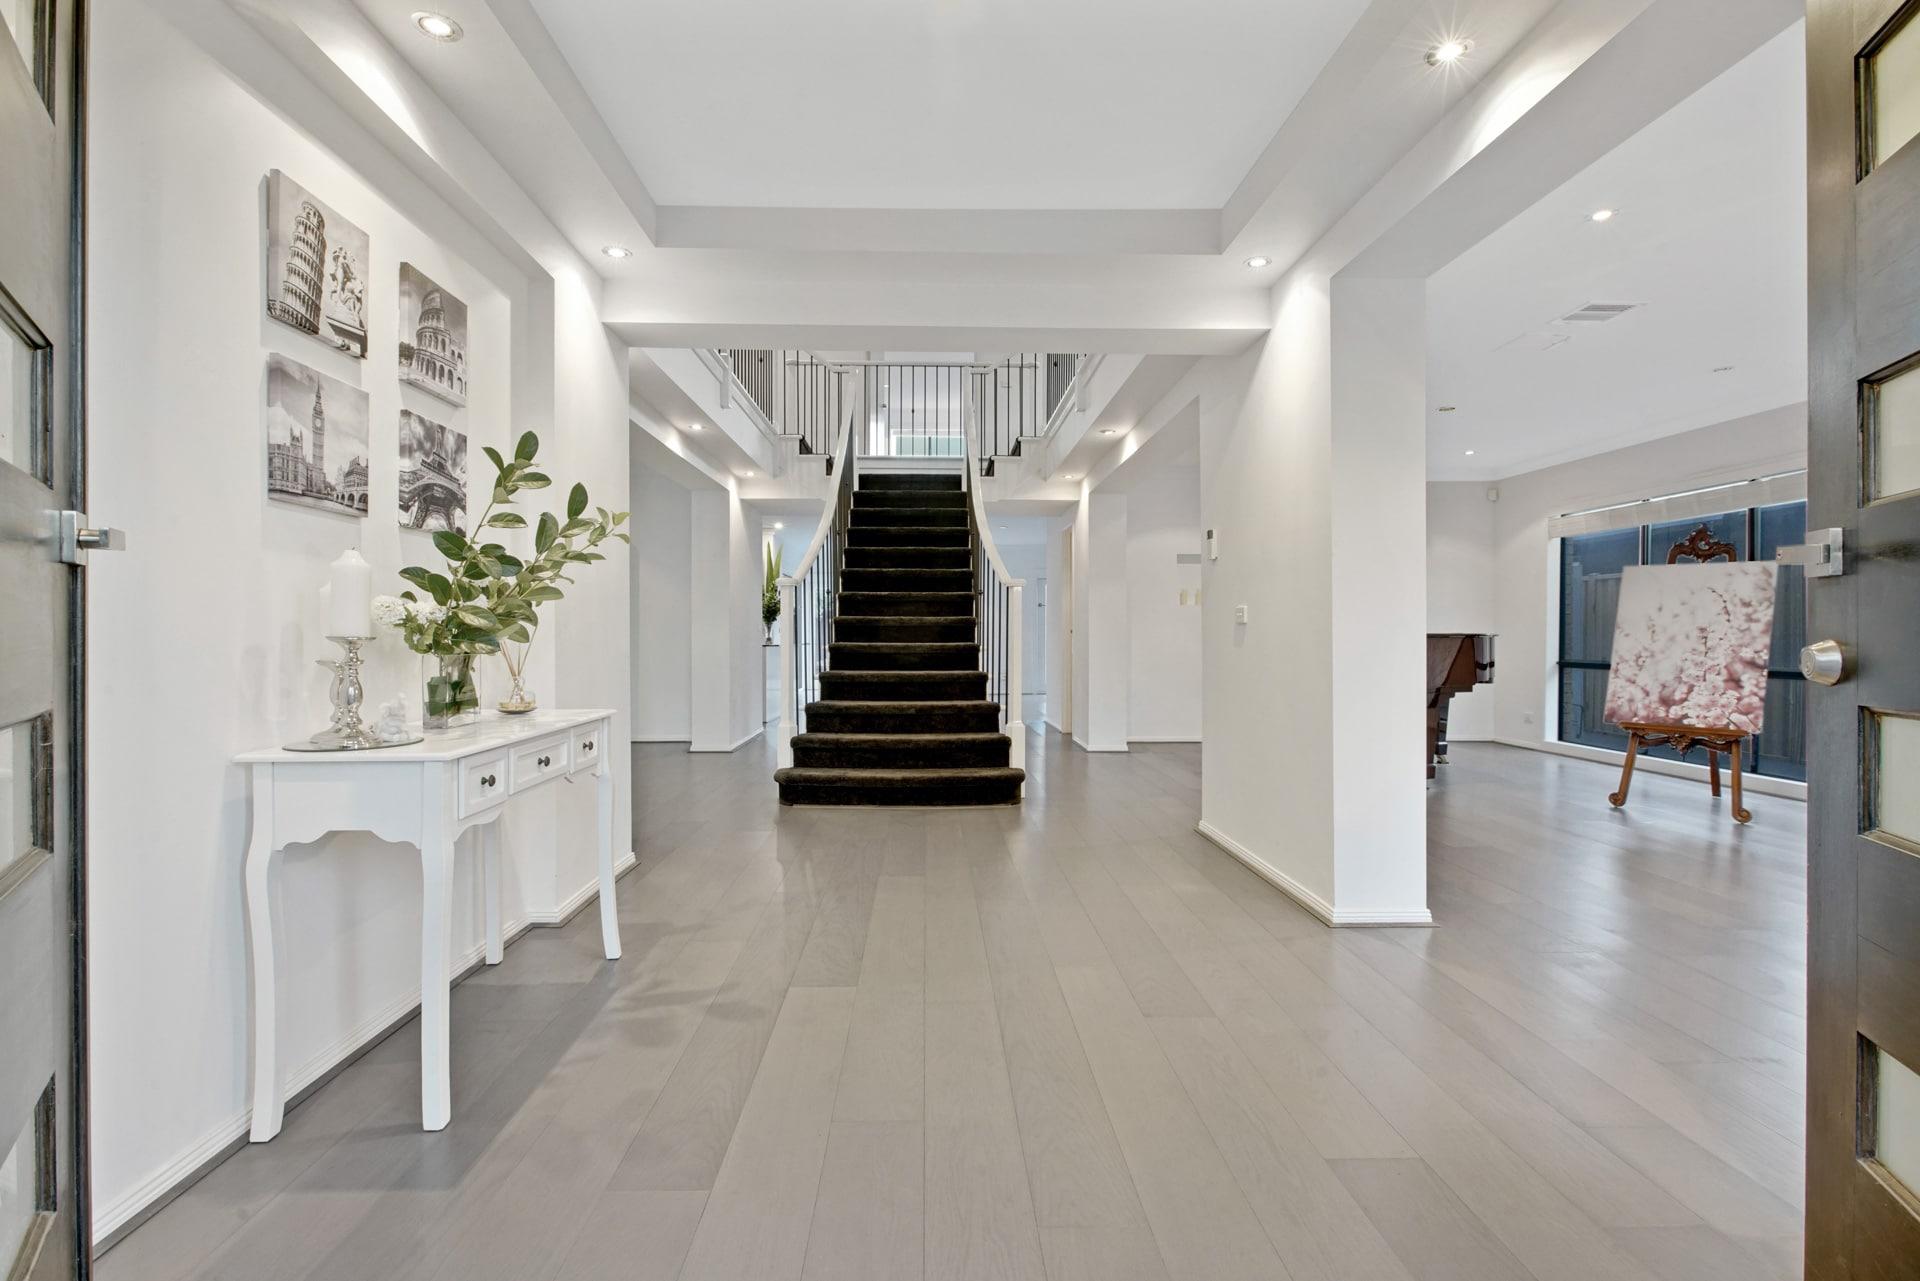 Photographie HDR de l'entrée d'un maison avec un escalier en arrière-plan.